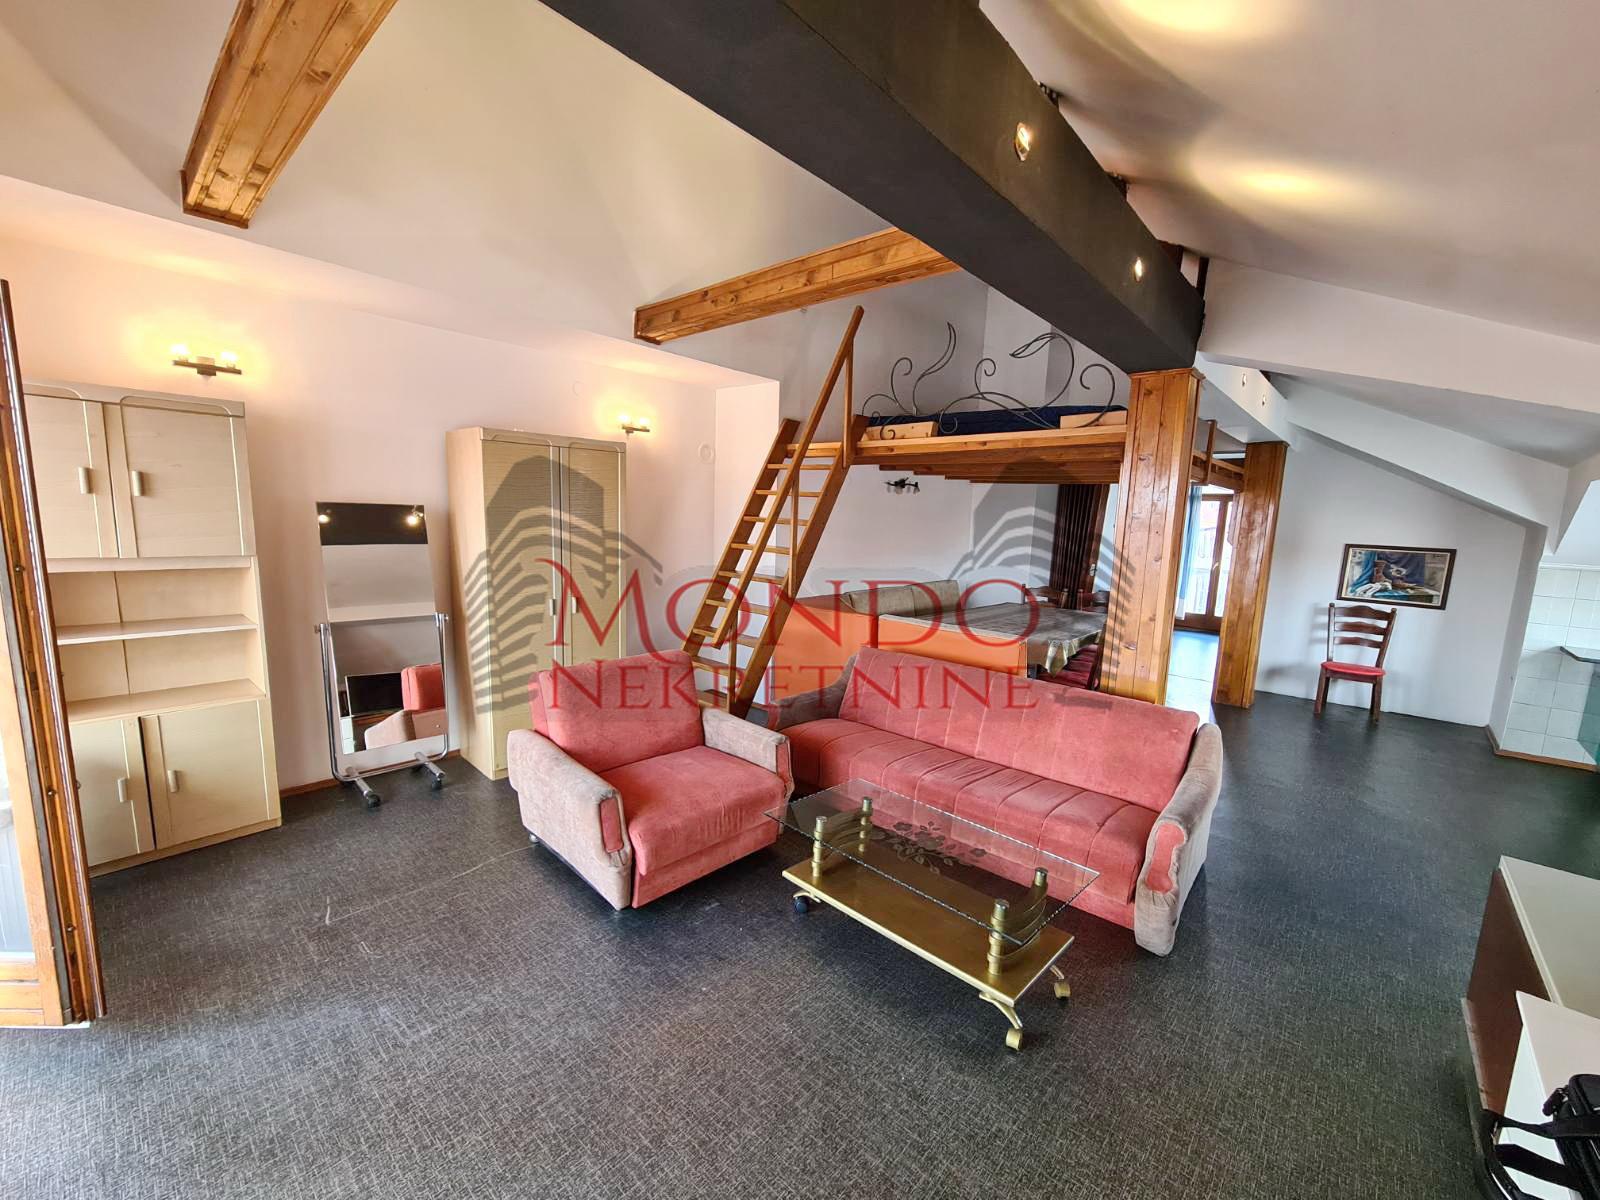 Izdaje se dvosoban stan u kuci sa posebnim ulazom  Duvaniste